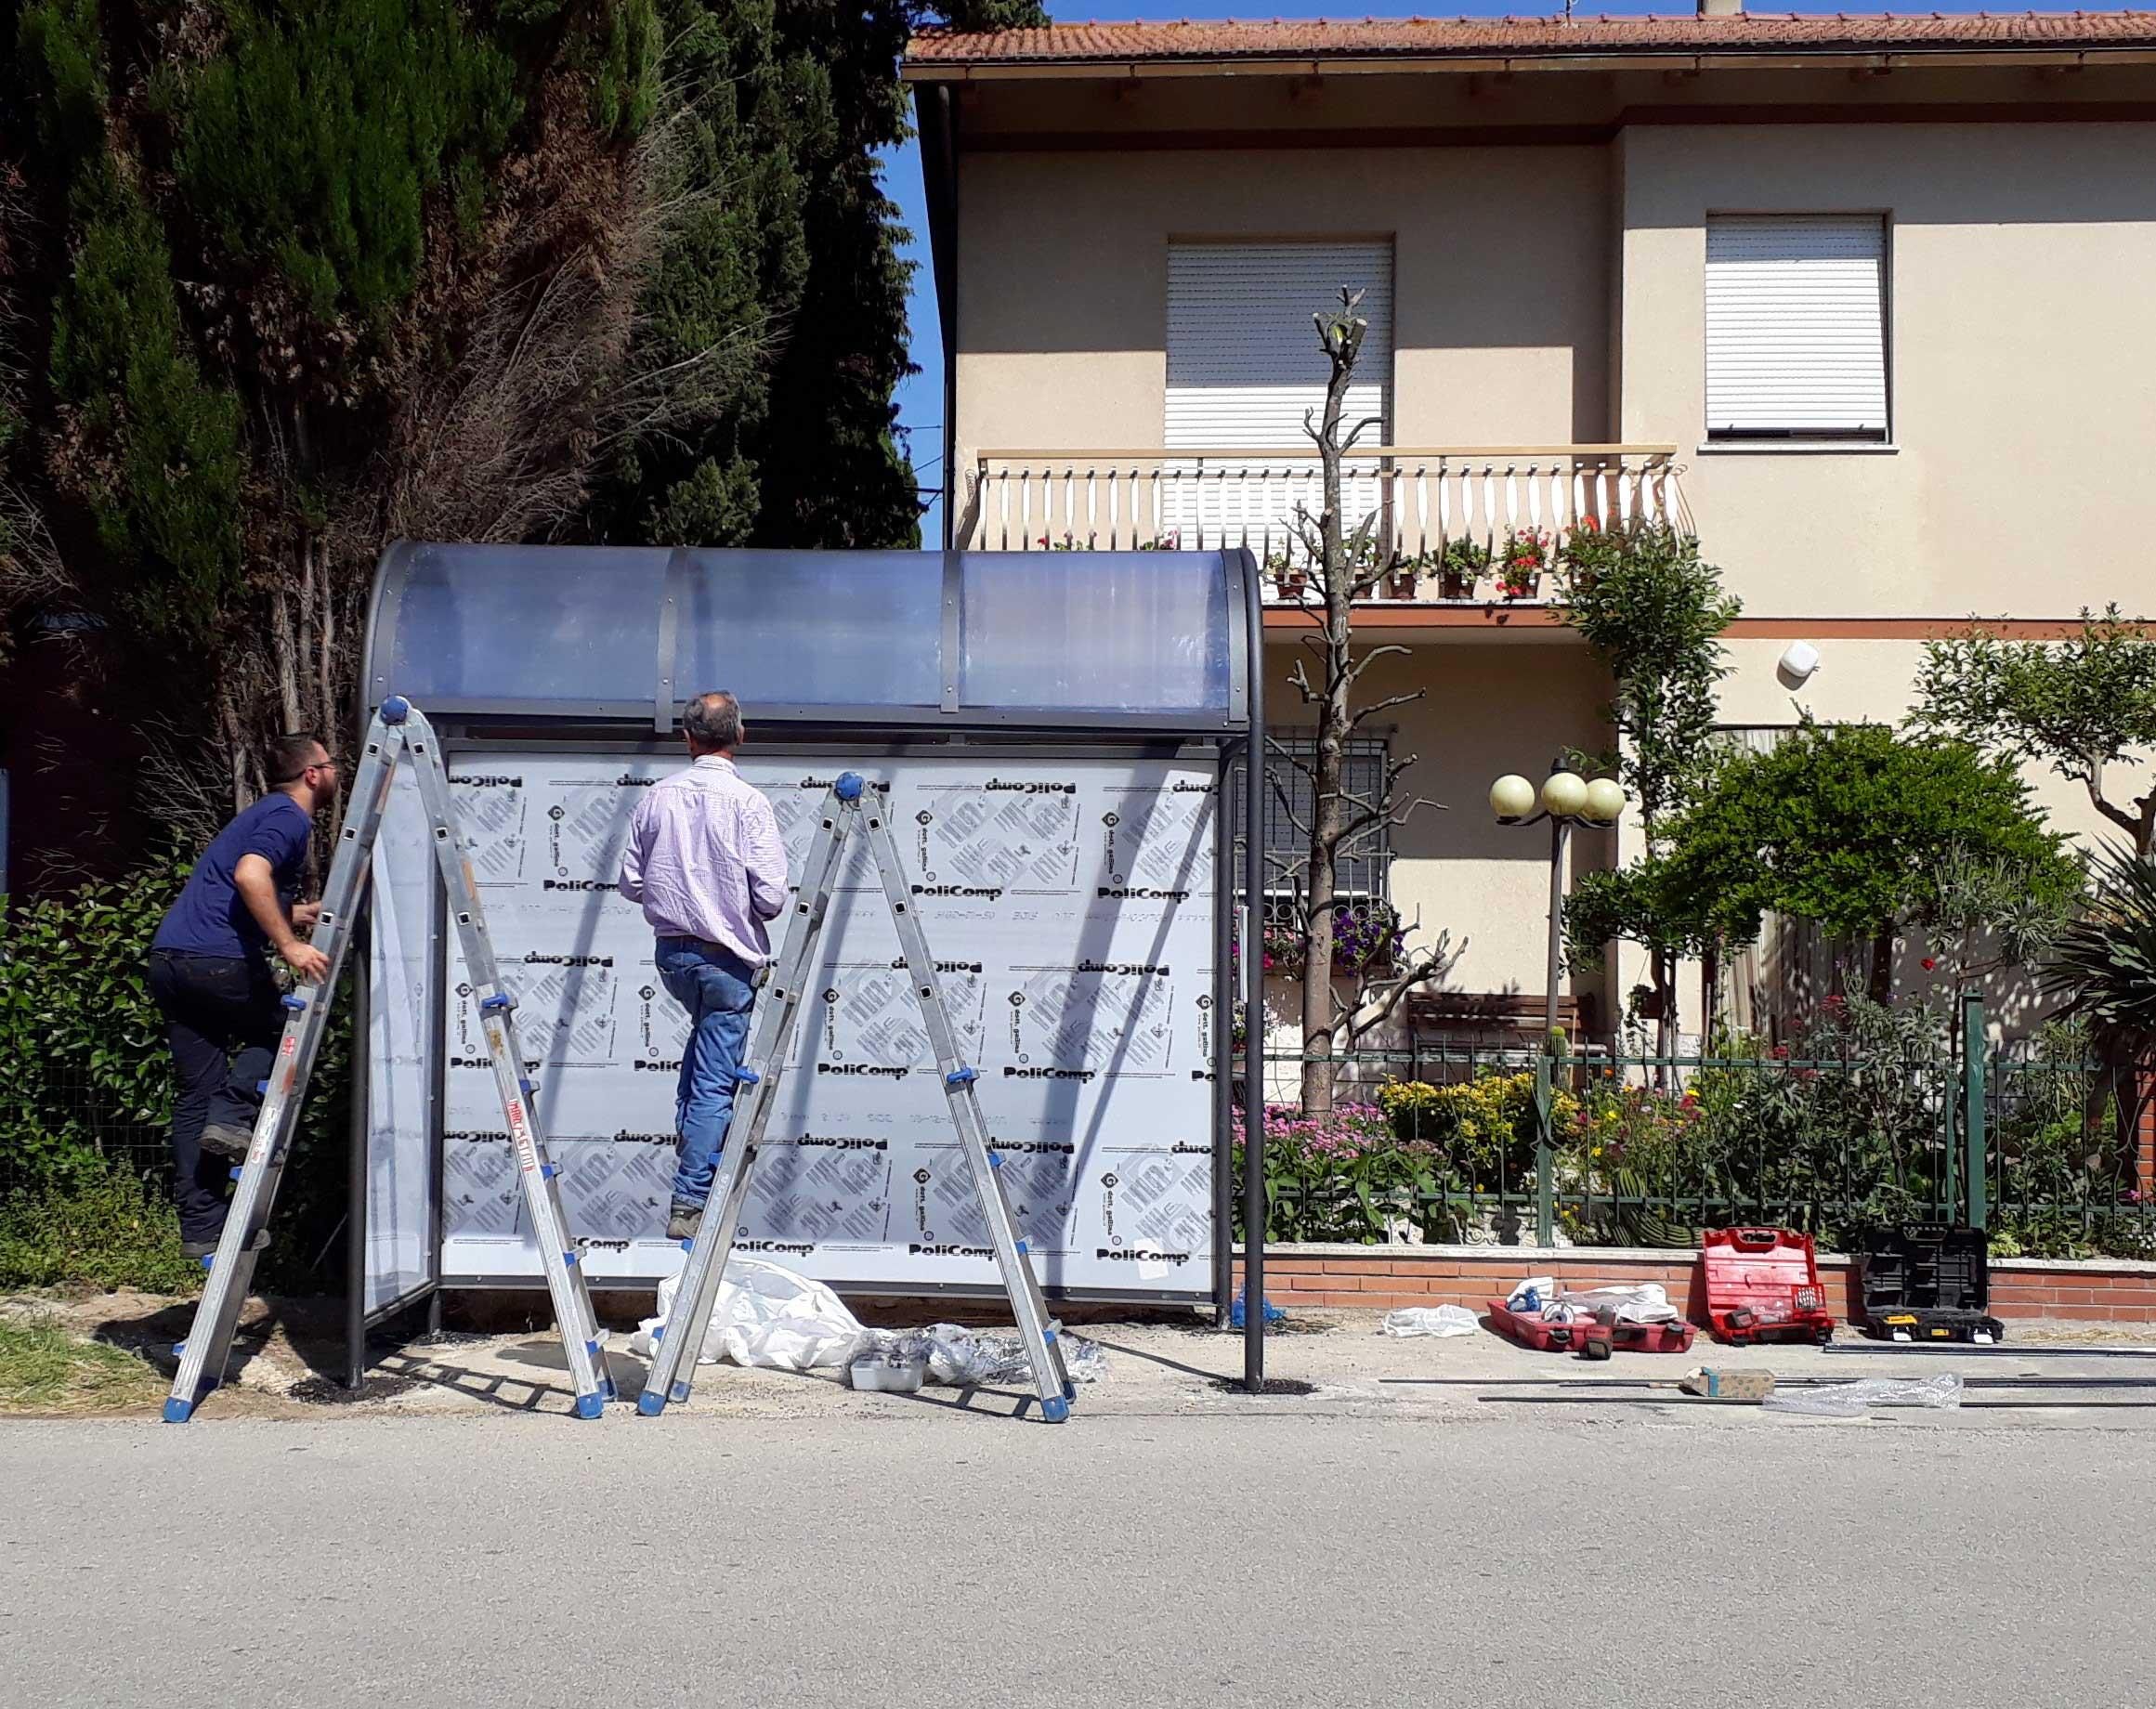 Ripristino arredo urbano post incidente Montelupone (Macerata)